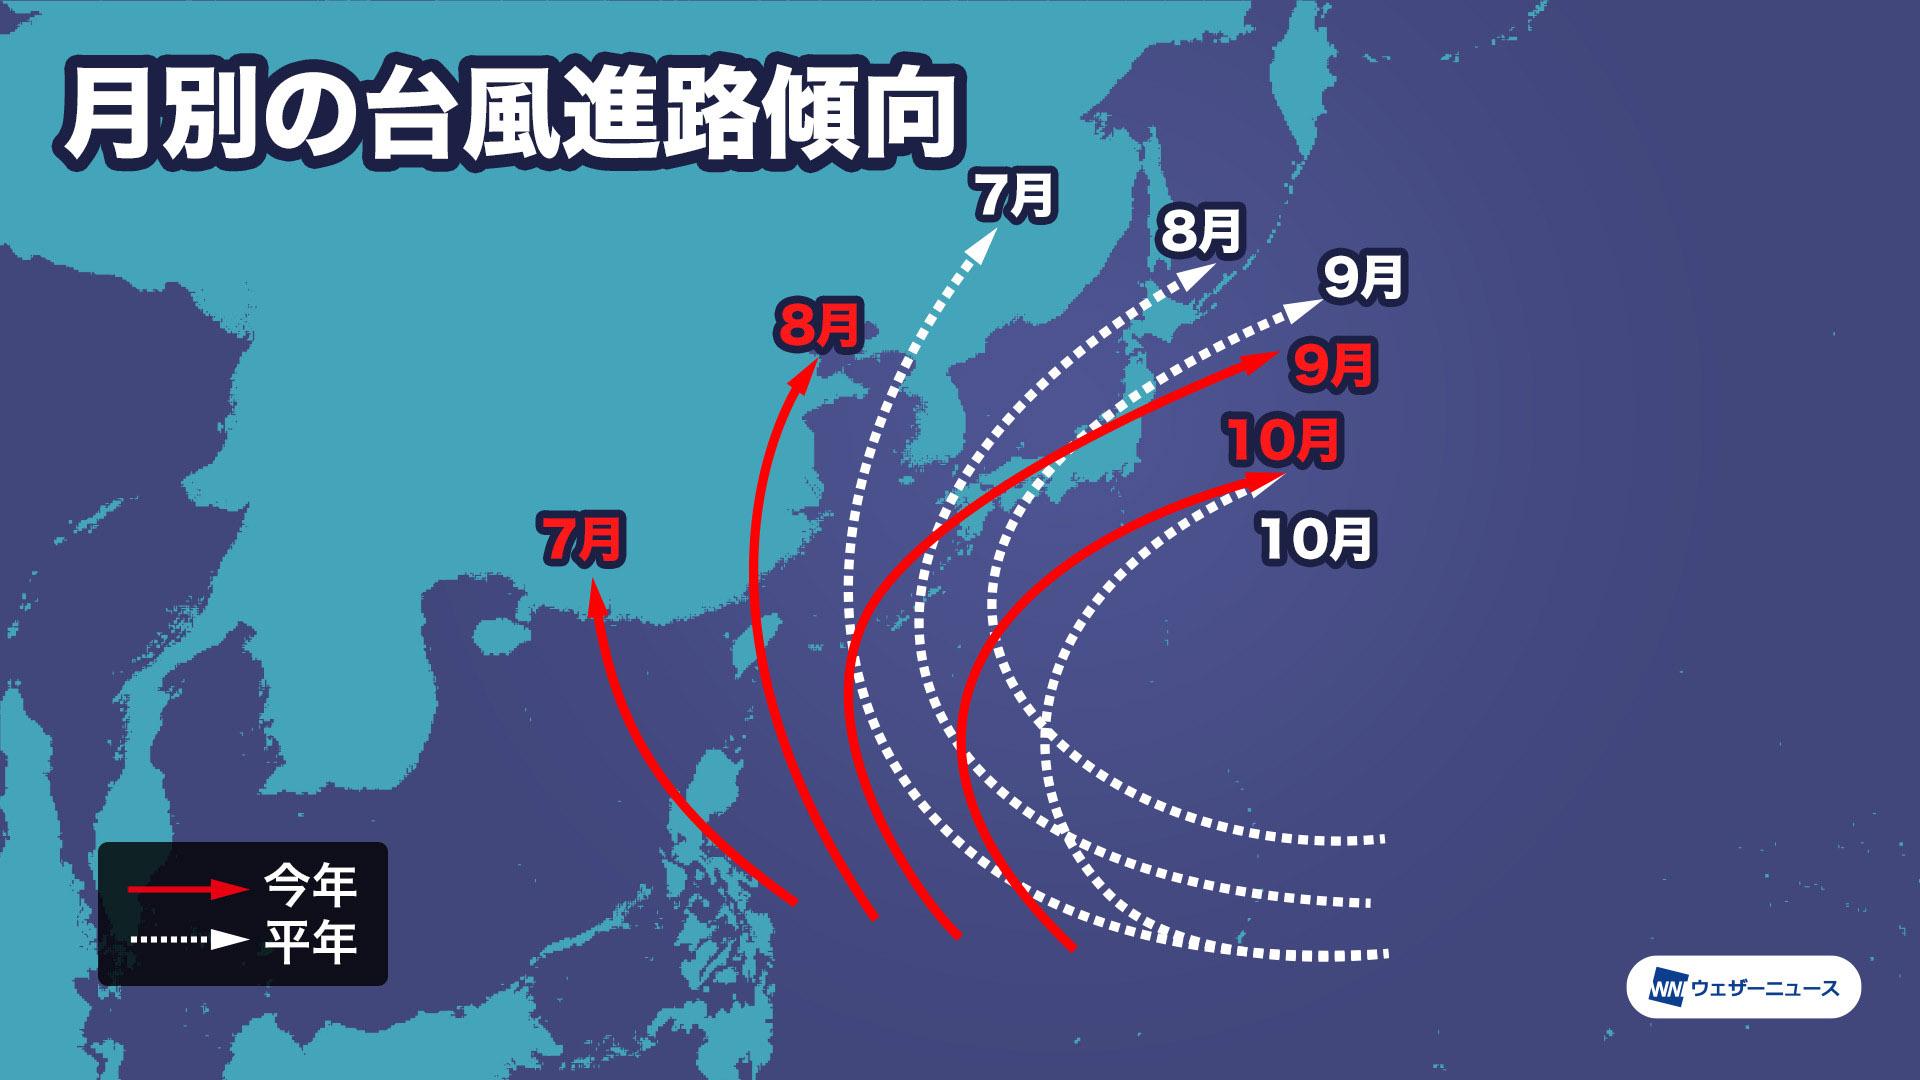 2020 台風 号 情報 10 【台風の名前】2020年に発生した台風一覧|名称と台風番号